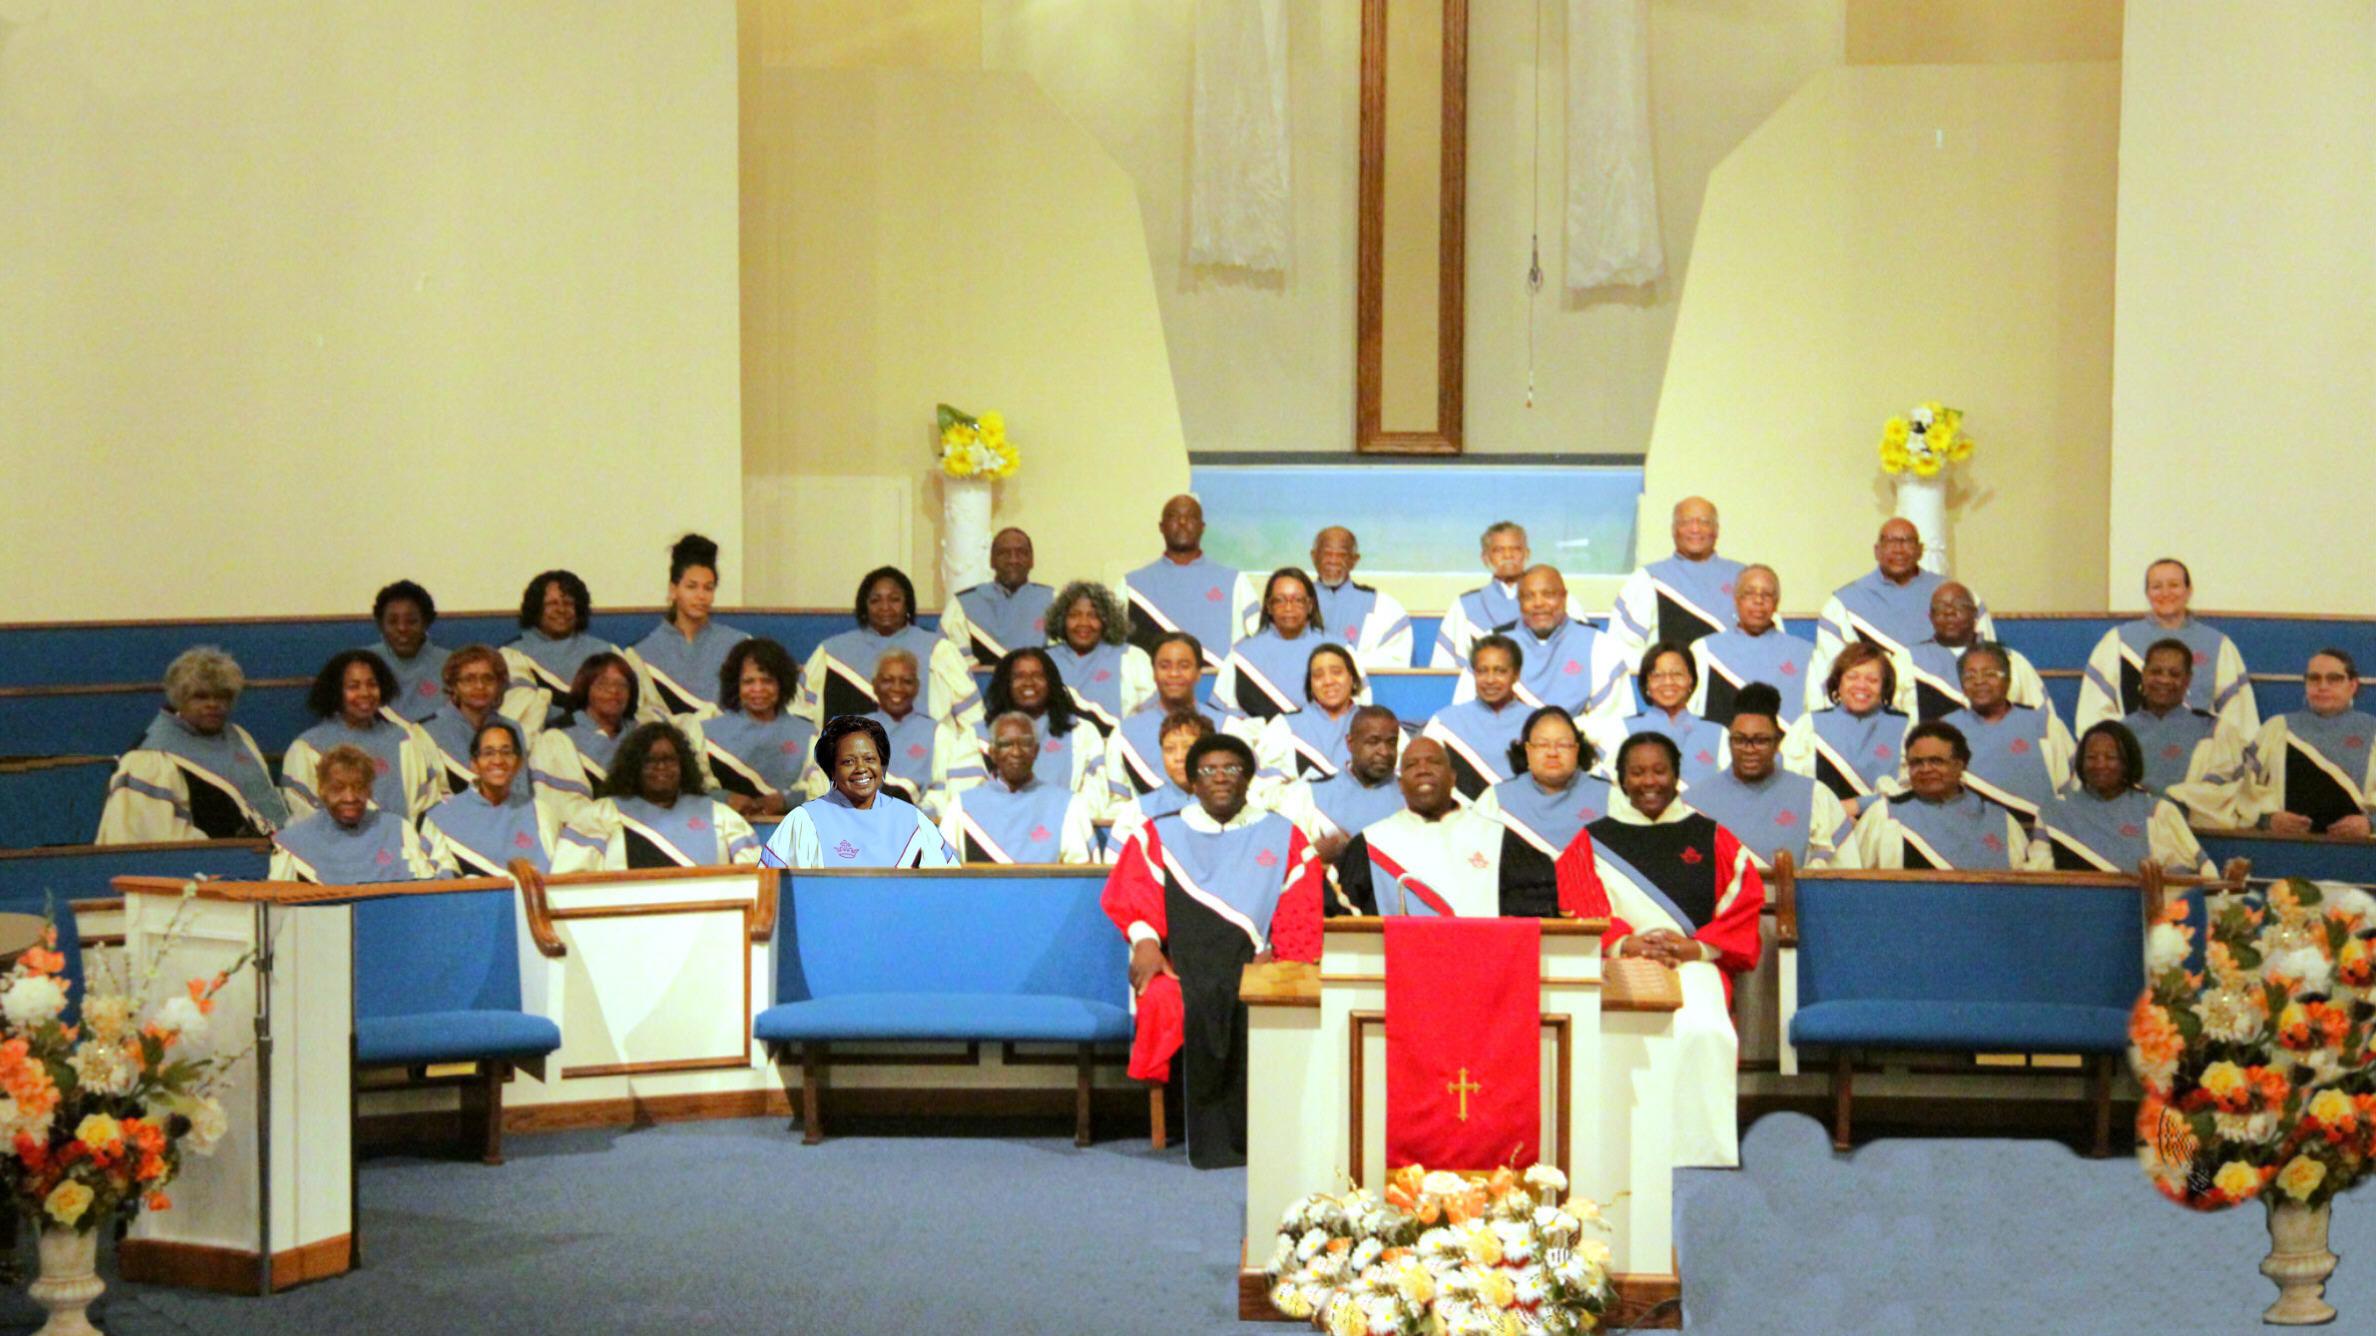 Palma Ceia Mass Choir